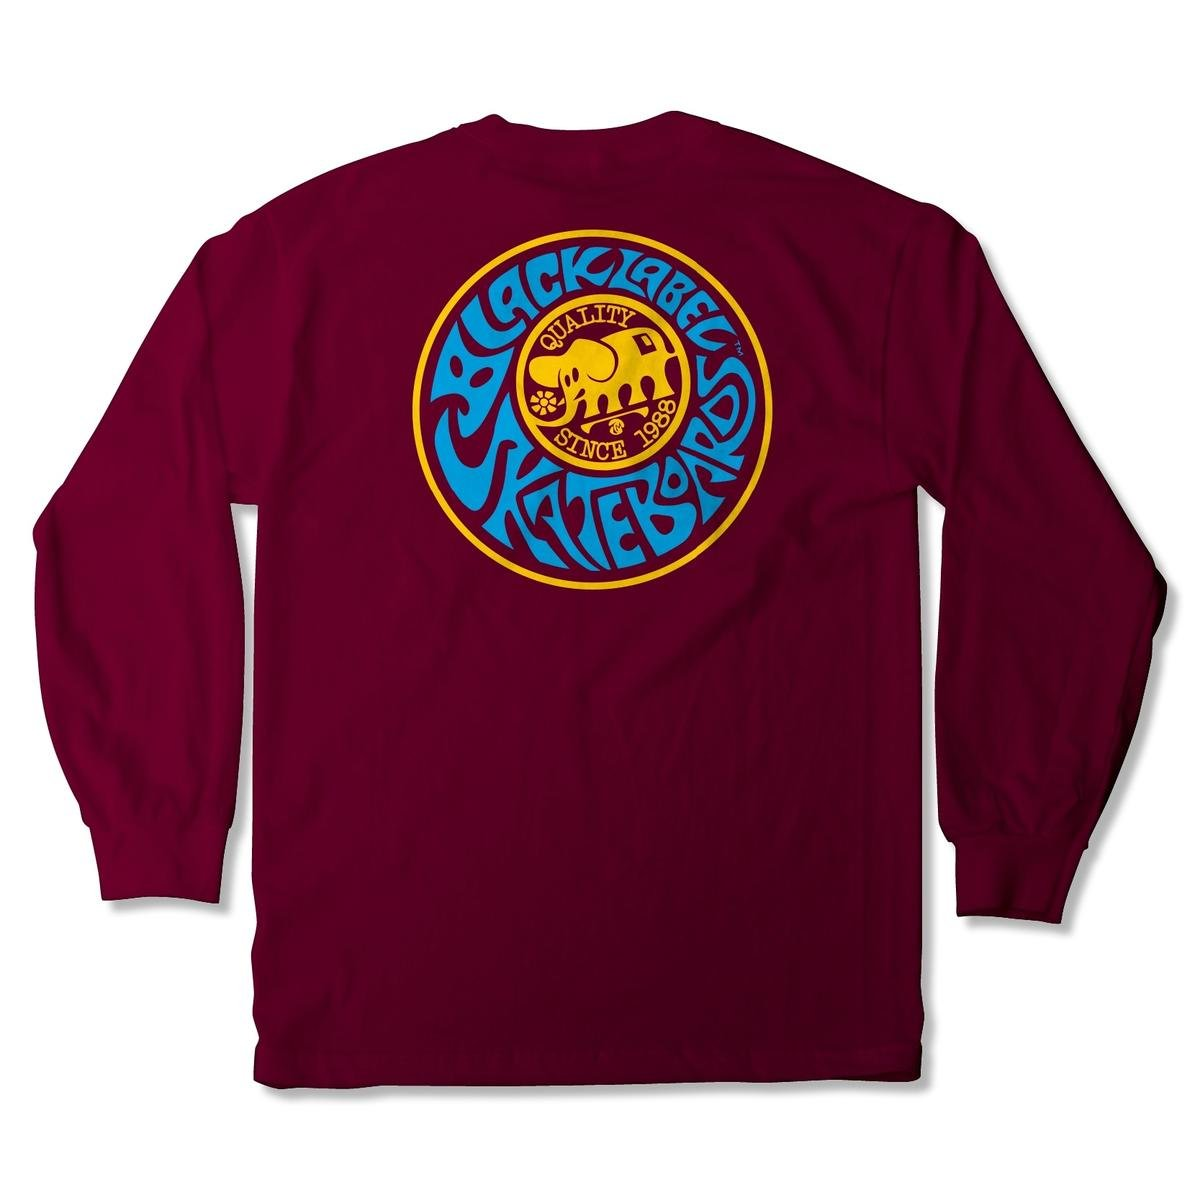 Black Label Quality l/s t shirt Maroon